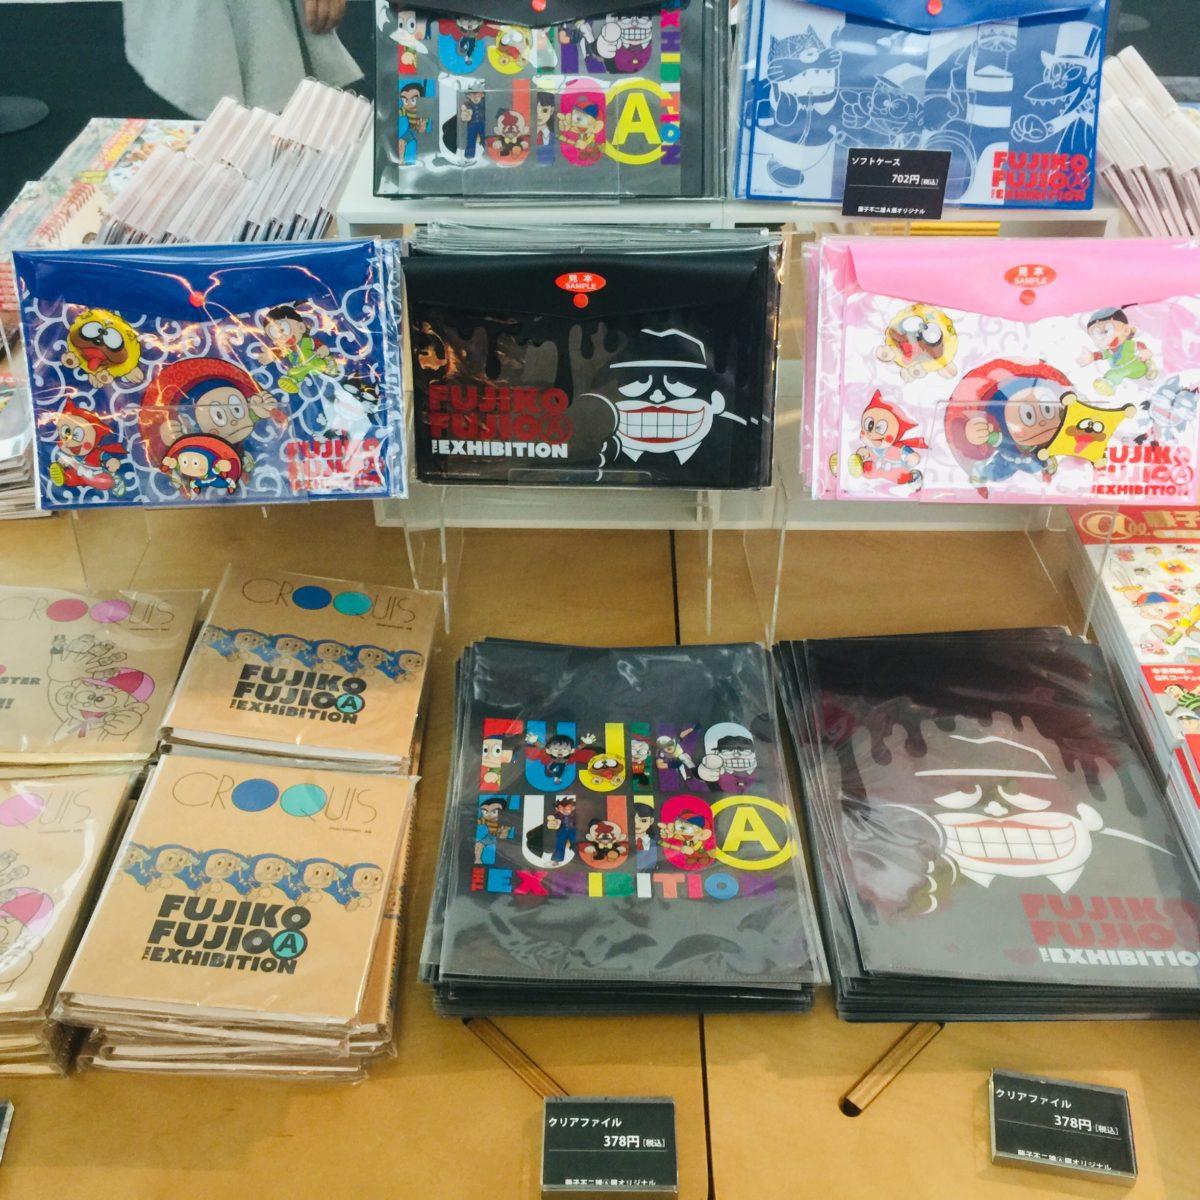 「藤子不二雄Ⓐ展」でのおみやげ屋「怪奇や」でのグッズ販売